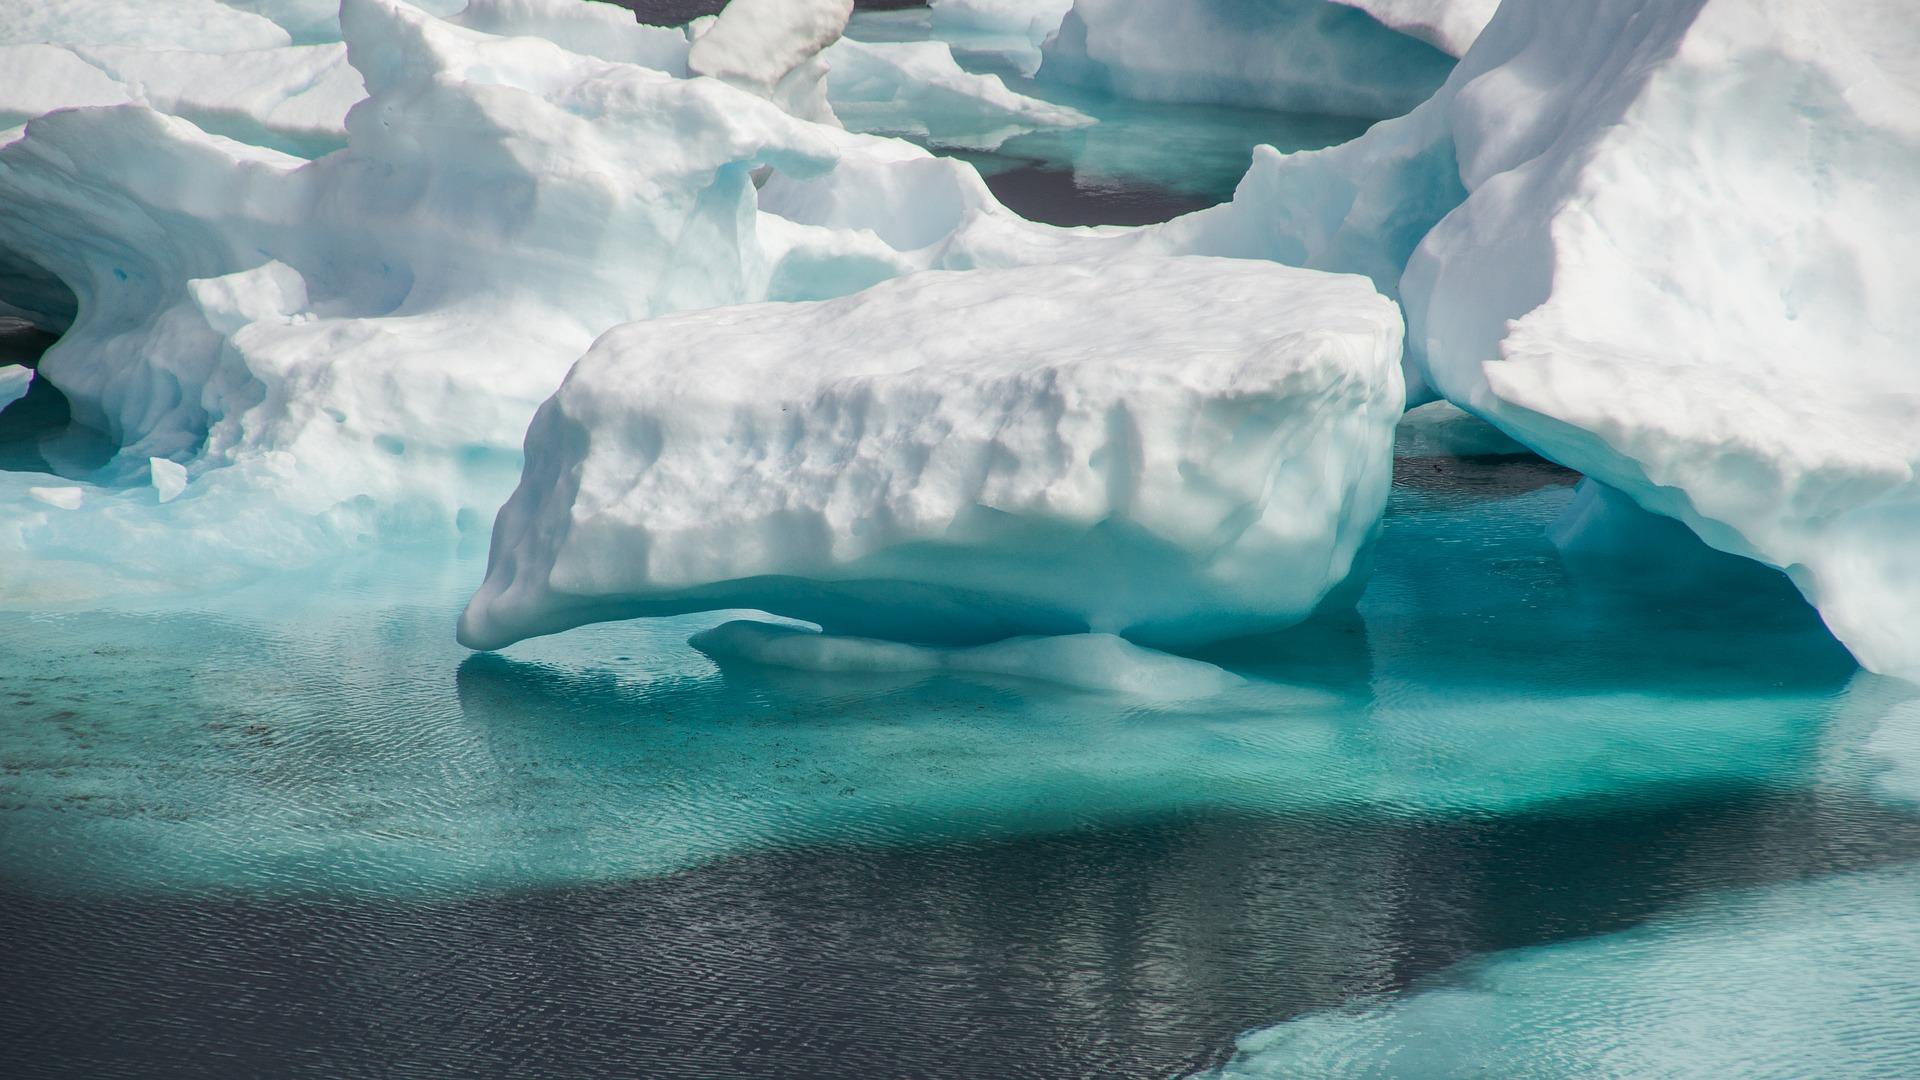 Schweiz: Atlantik-Eis als Getränk erhältlich